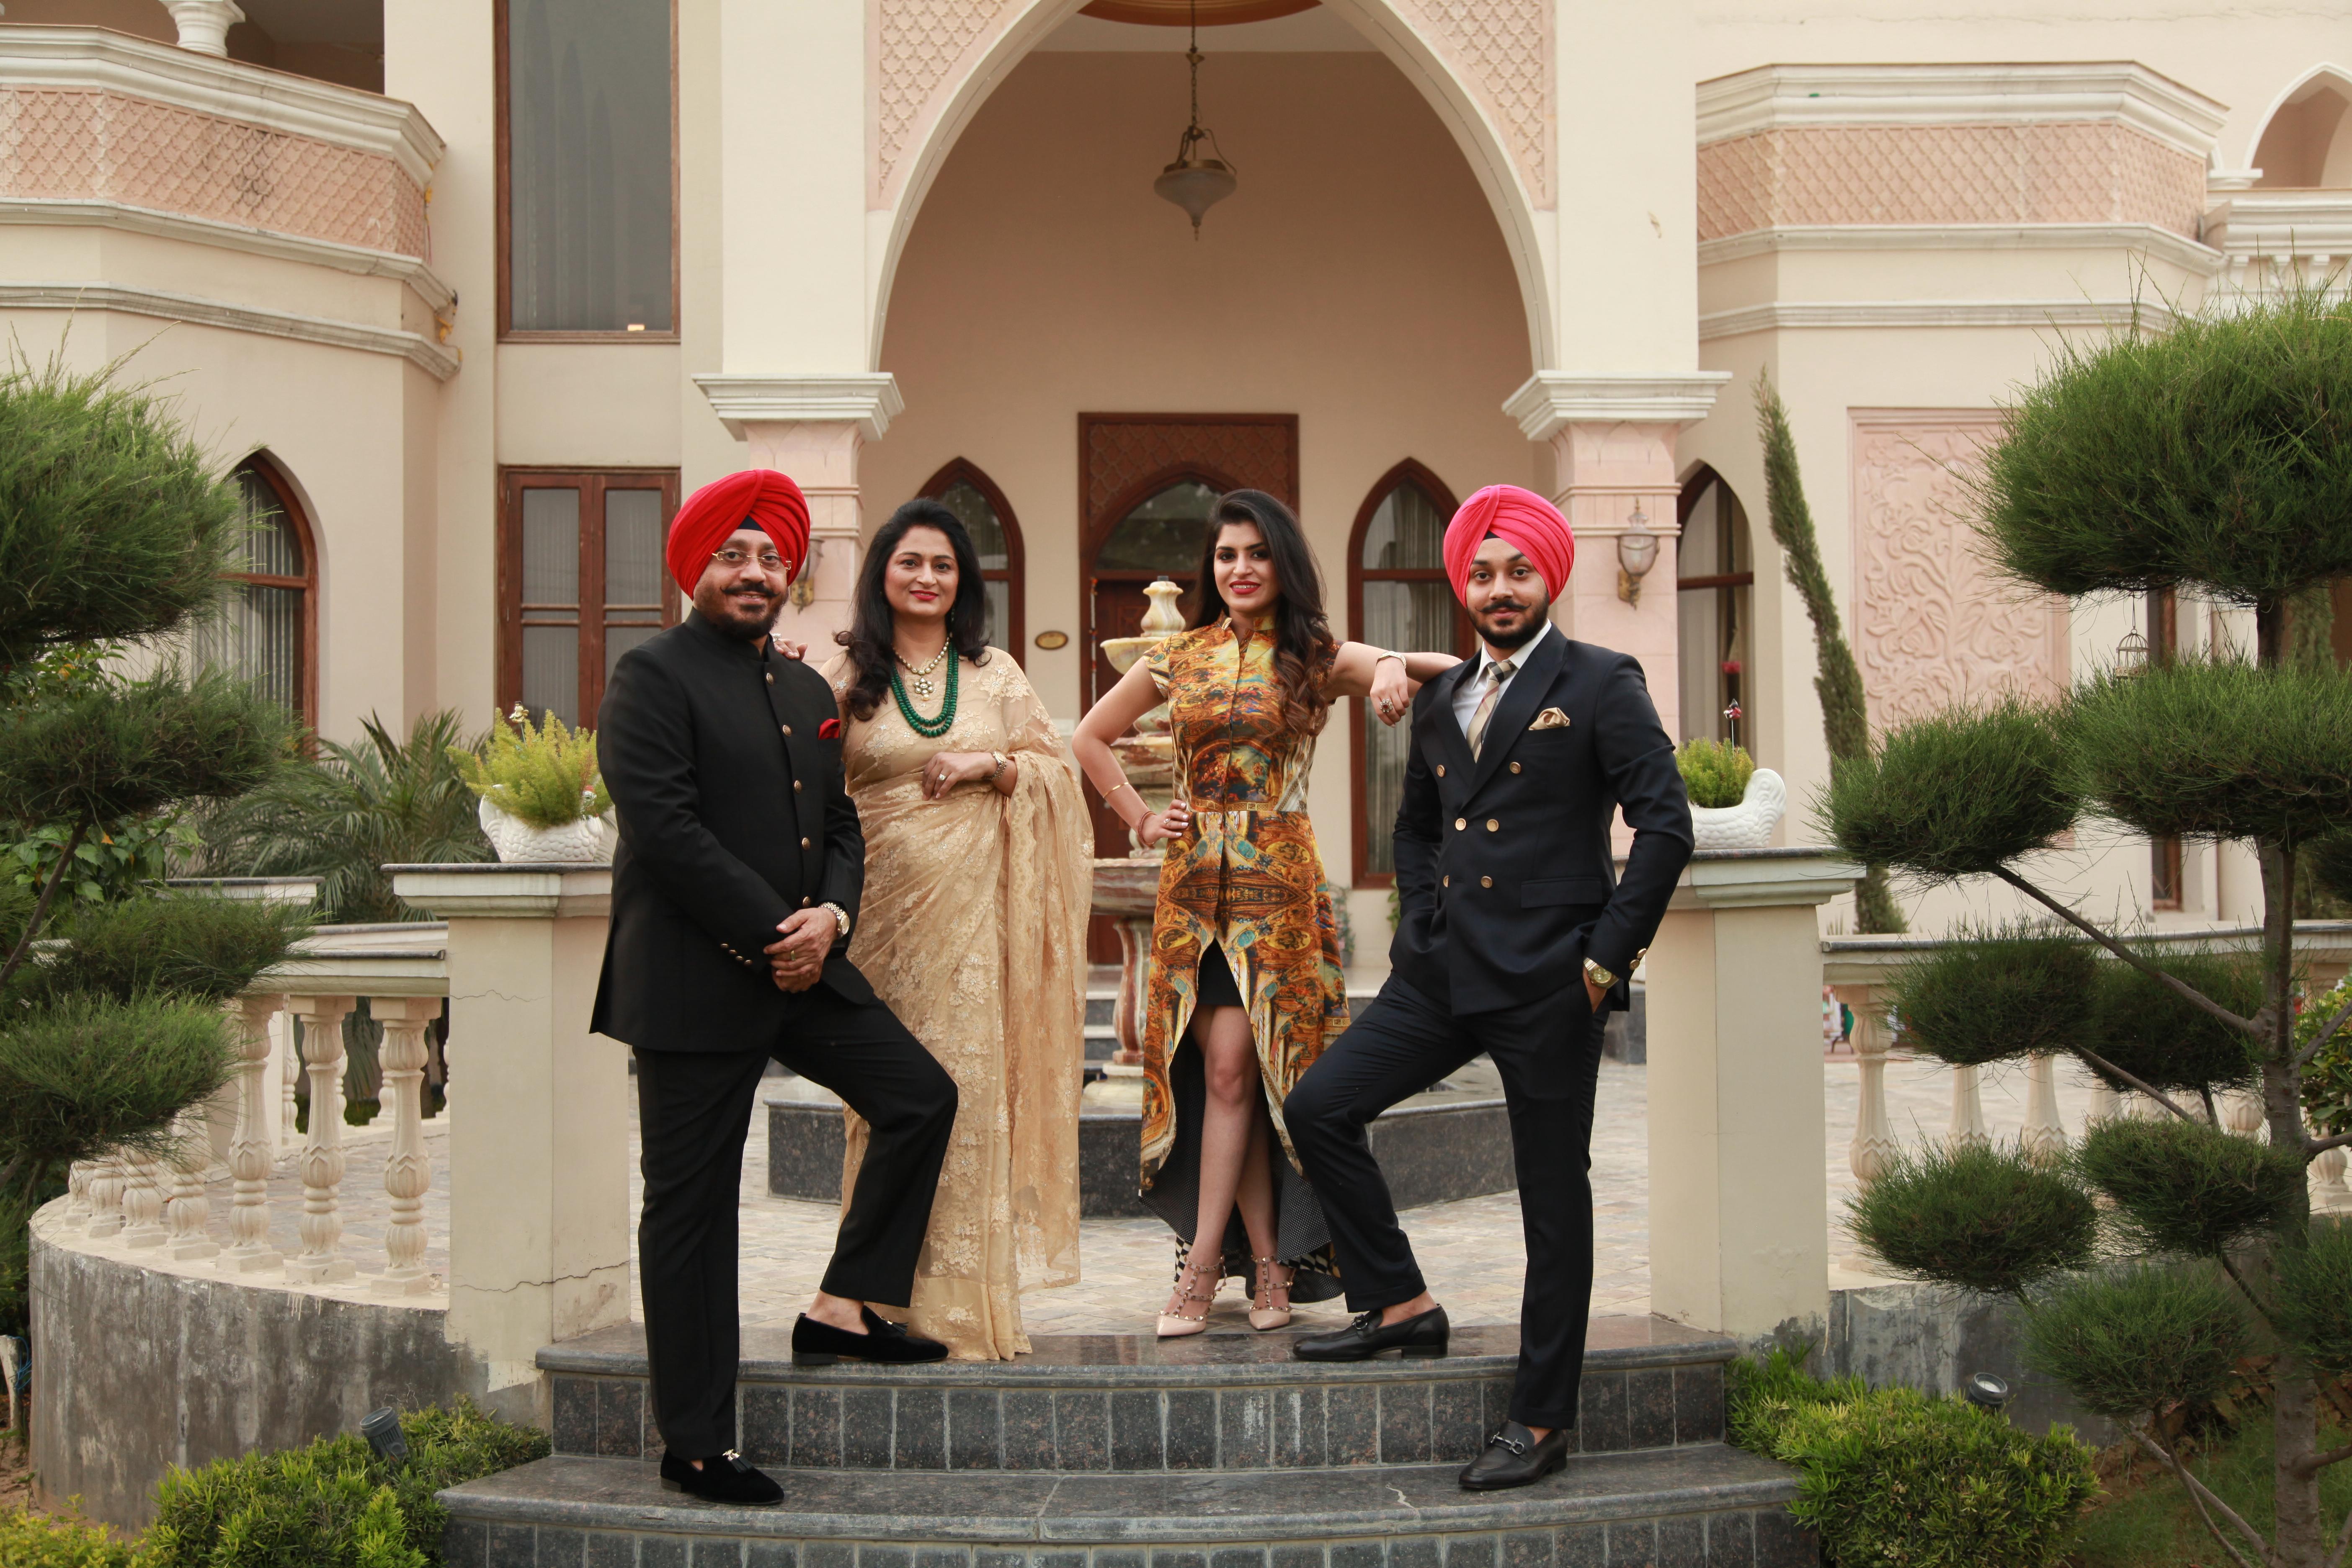 sardar family in punjab